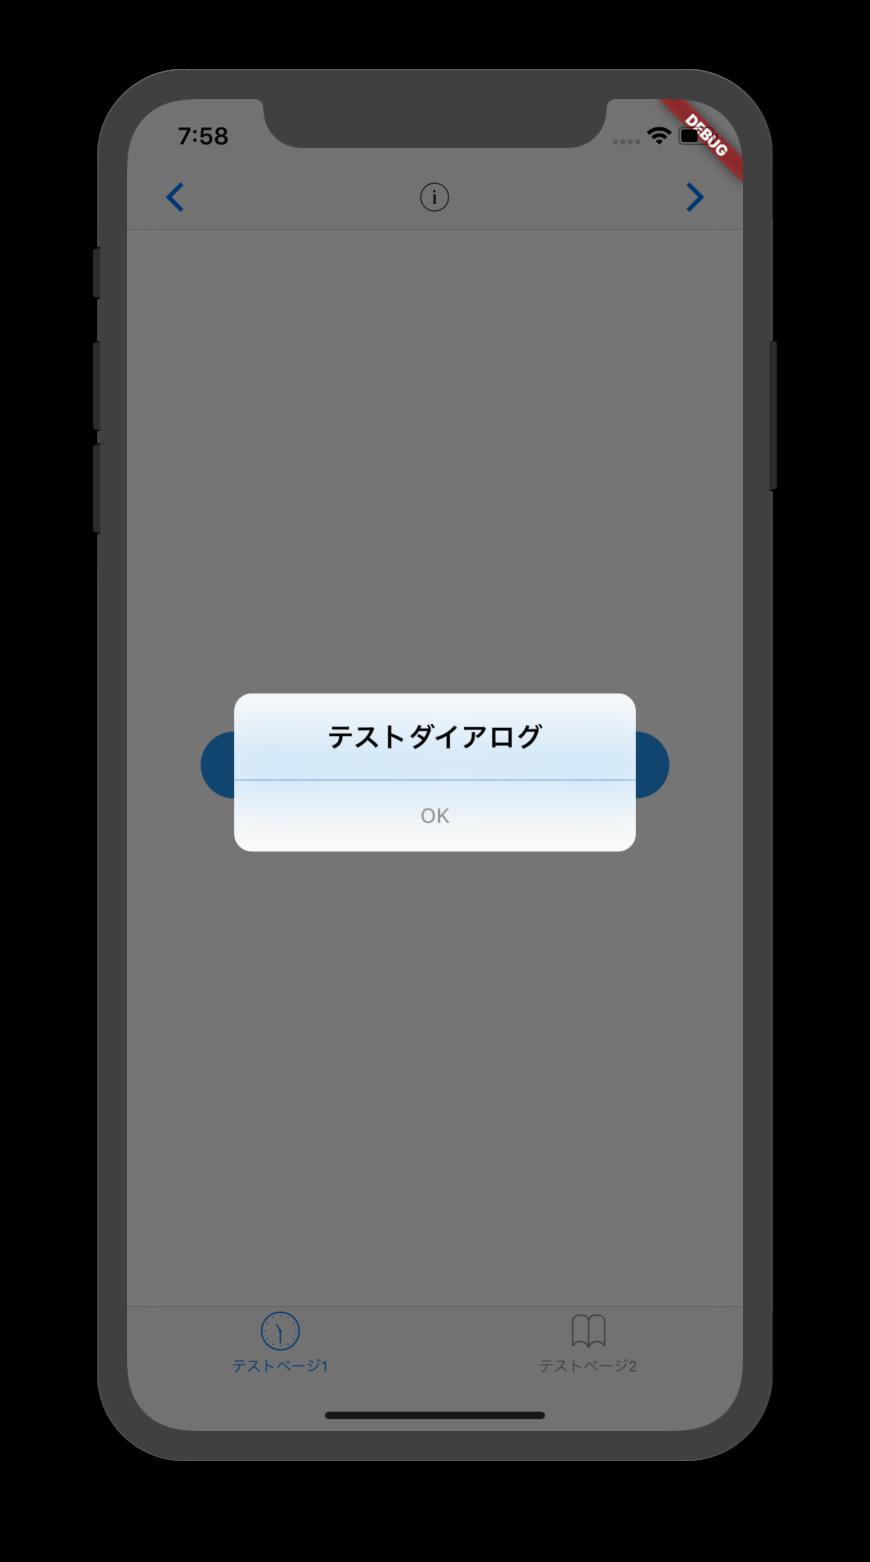 スクリーンショット 2018-12-14 7.58.22.png